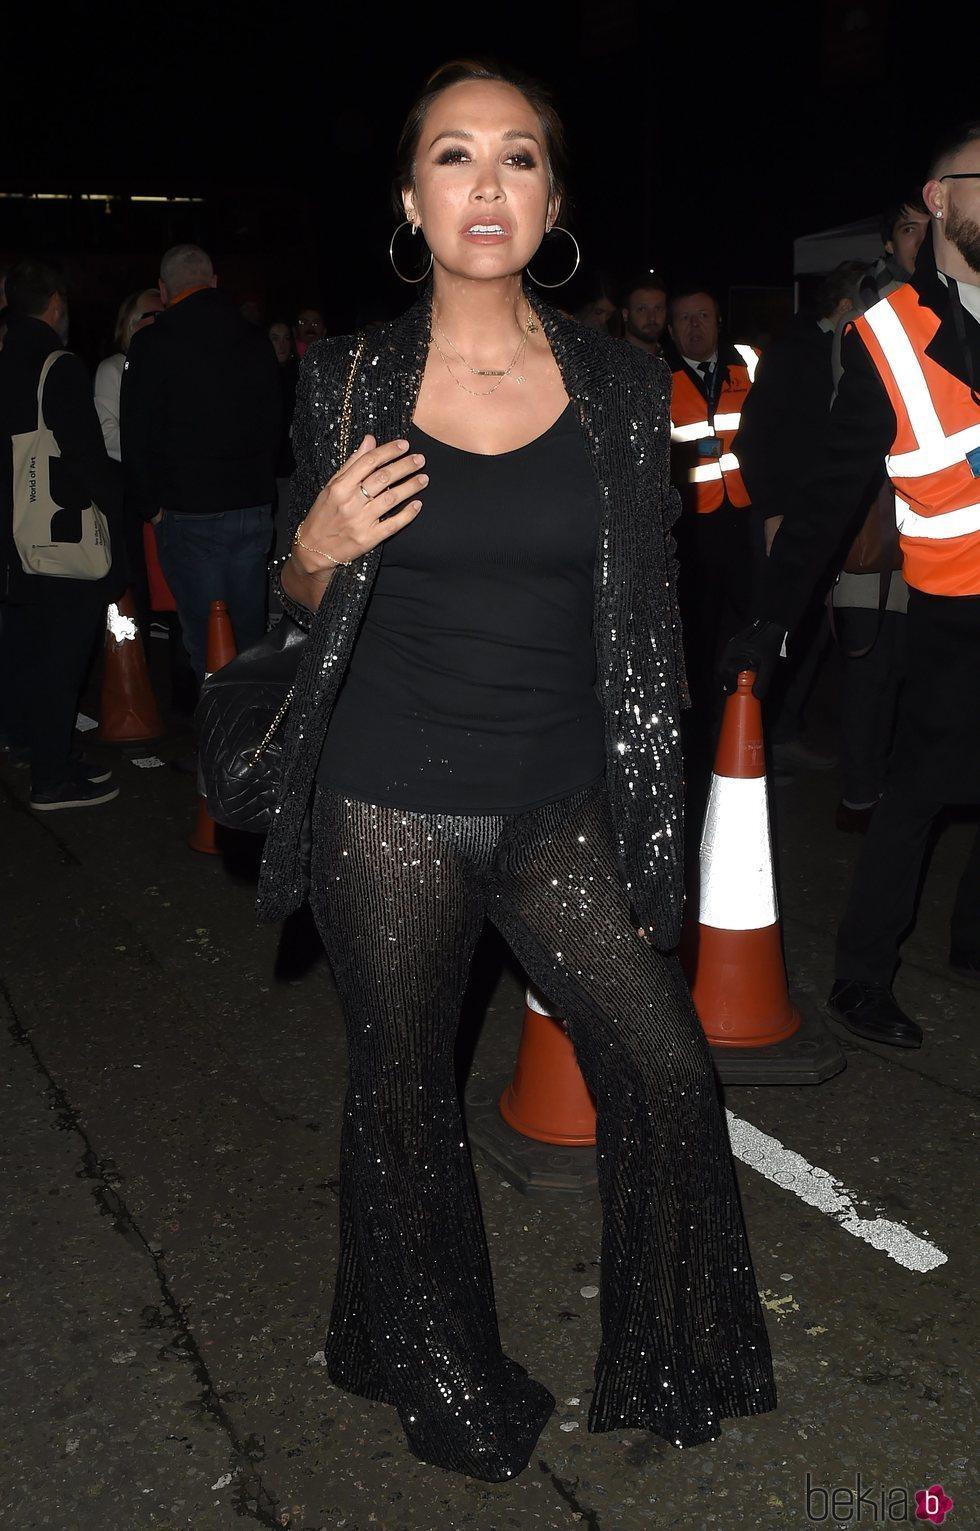 Myleene Klass con un excesivo look de lentejuelas en el Circo du Soleil's en Londres